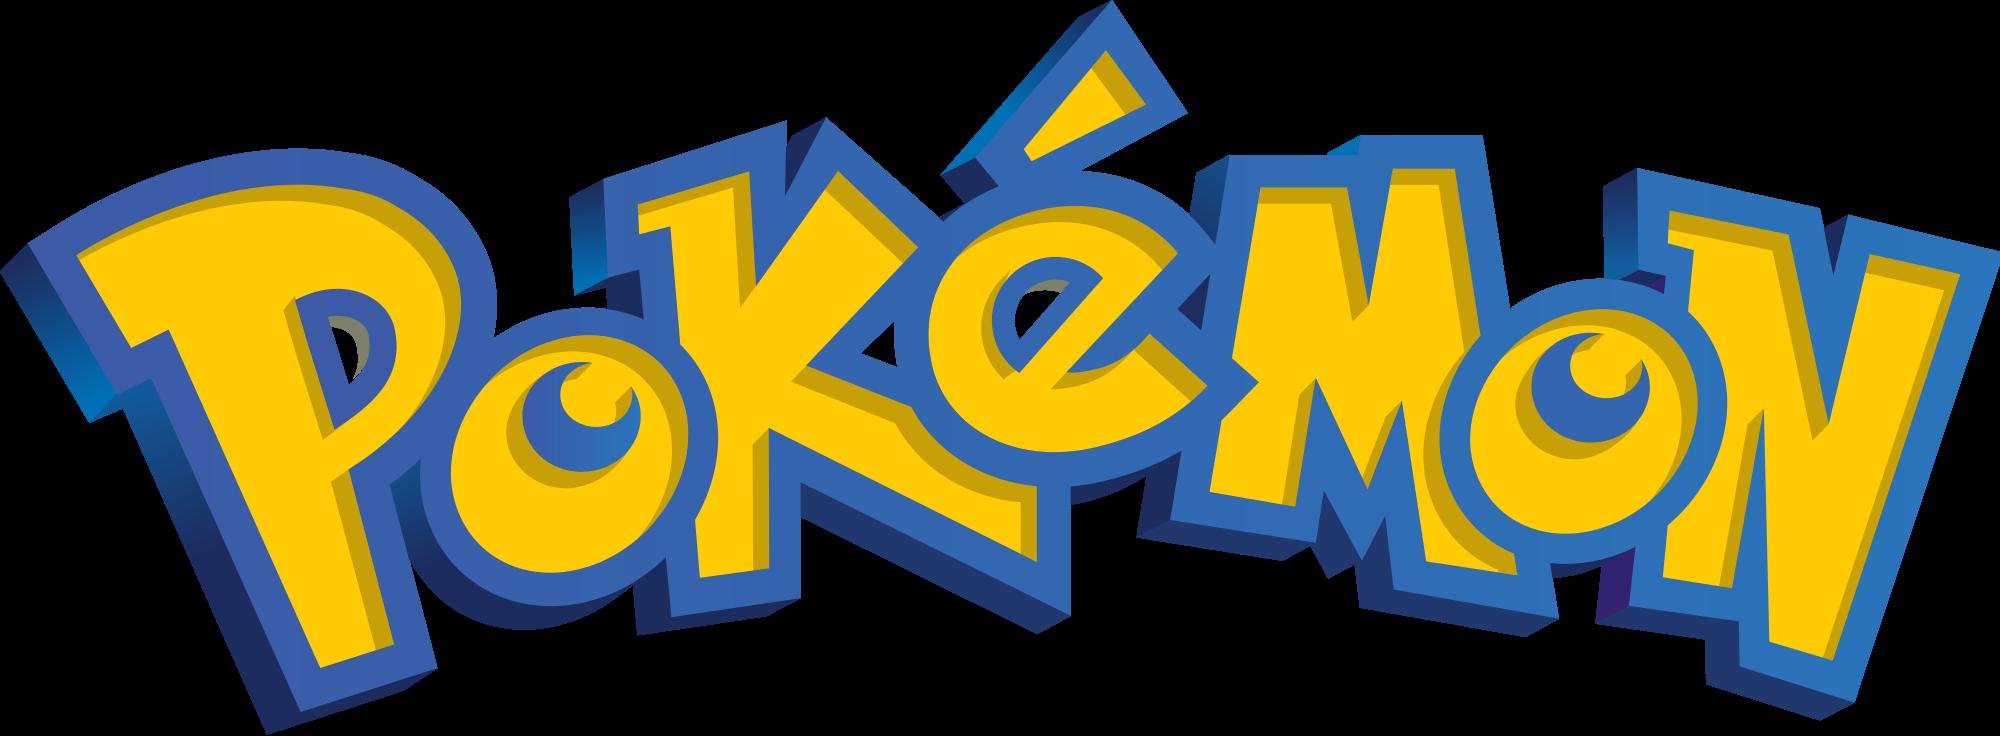 Pokemon logo PNG - Pokemon PNG